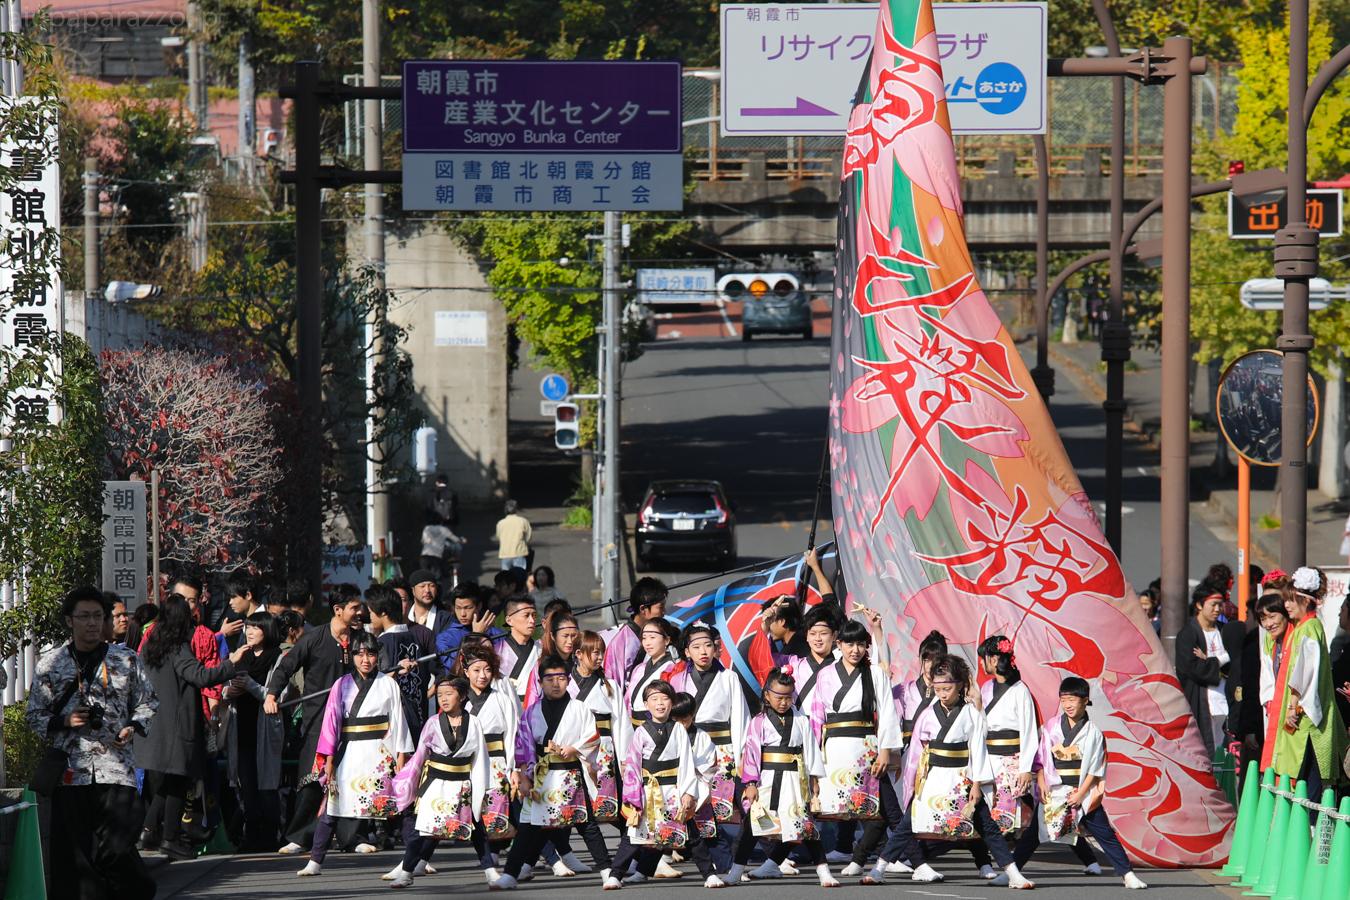 kabuki2016ran_oyachai-2.jpg